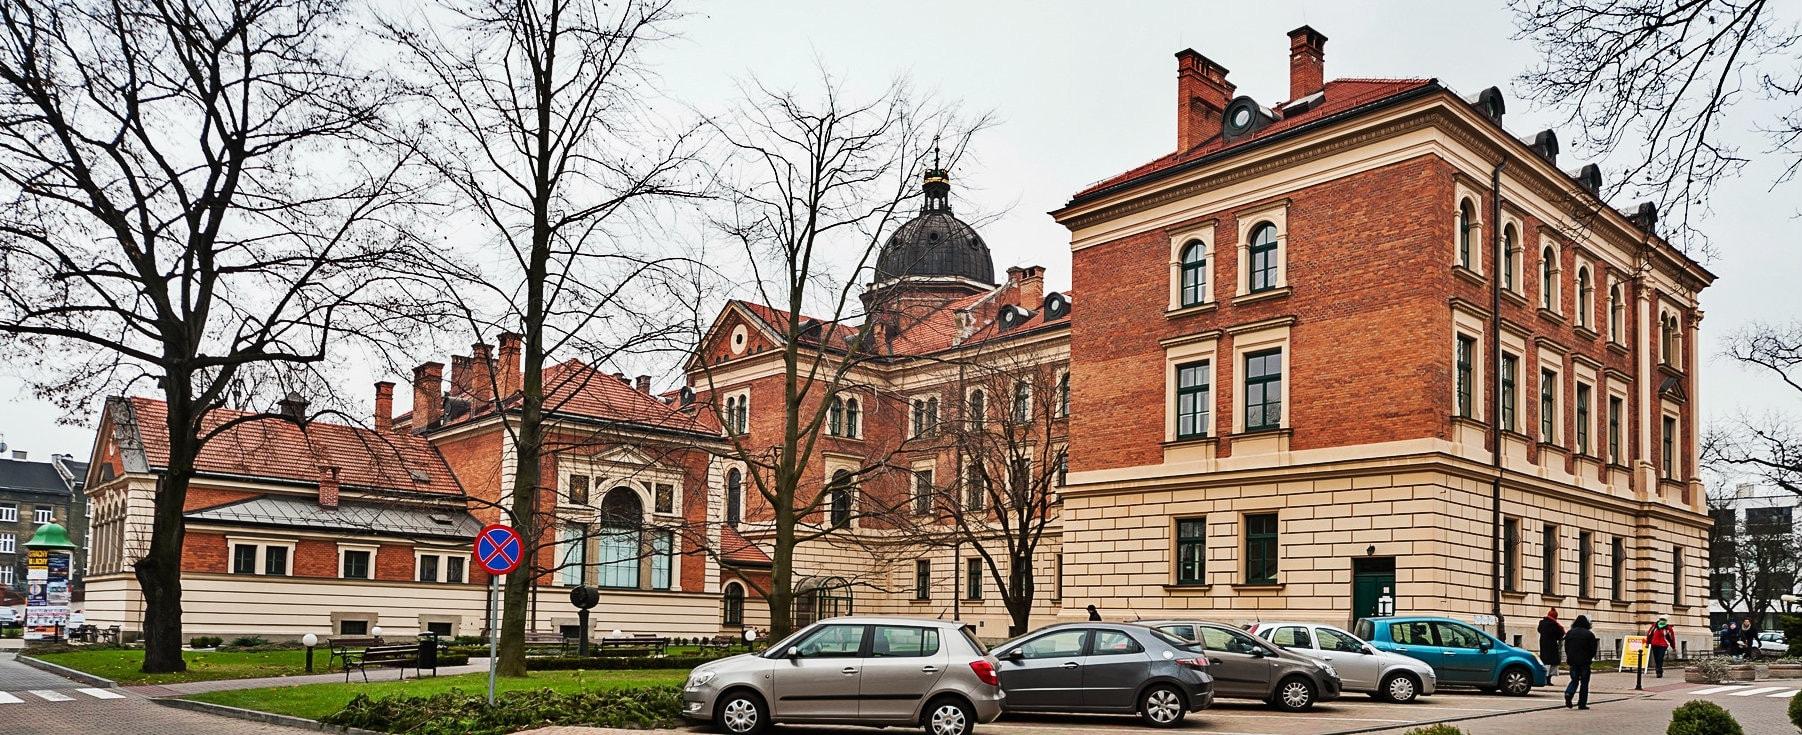 MA in International Business, Kraków, Poland 2021